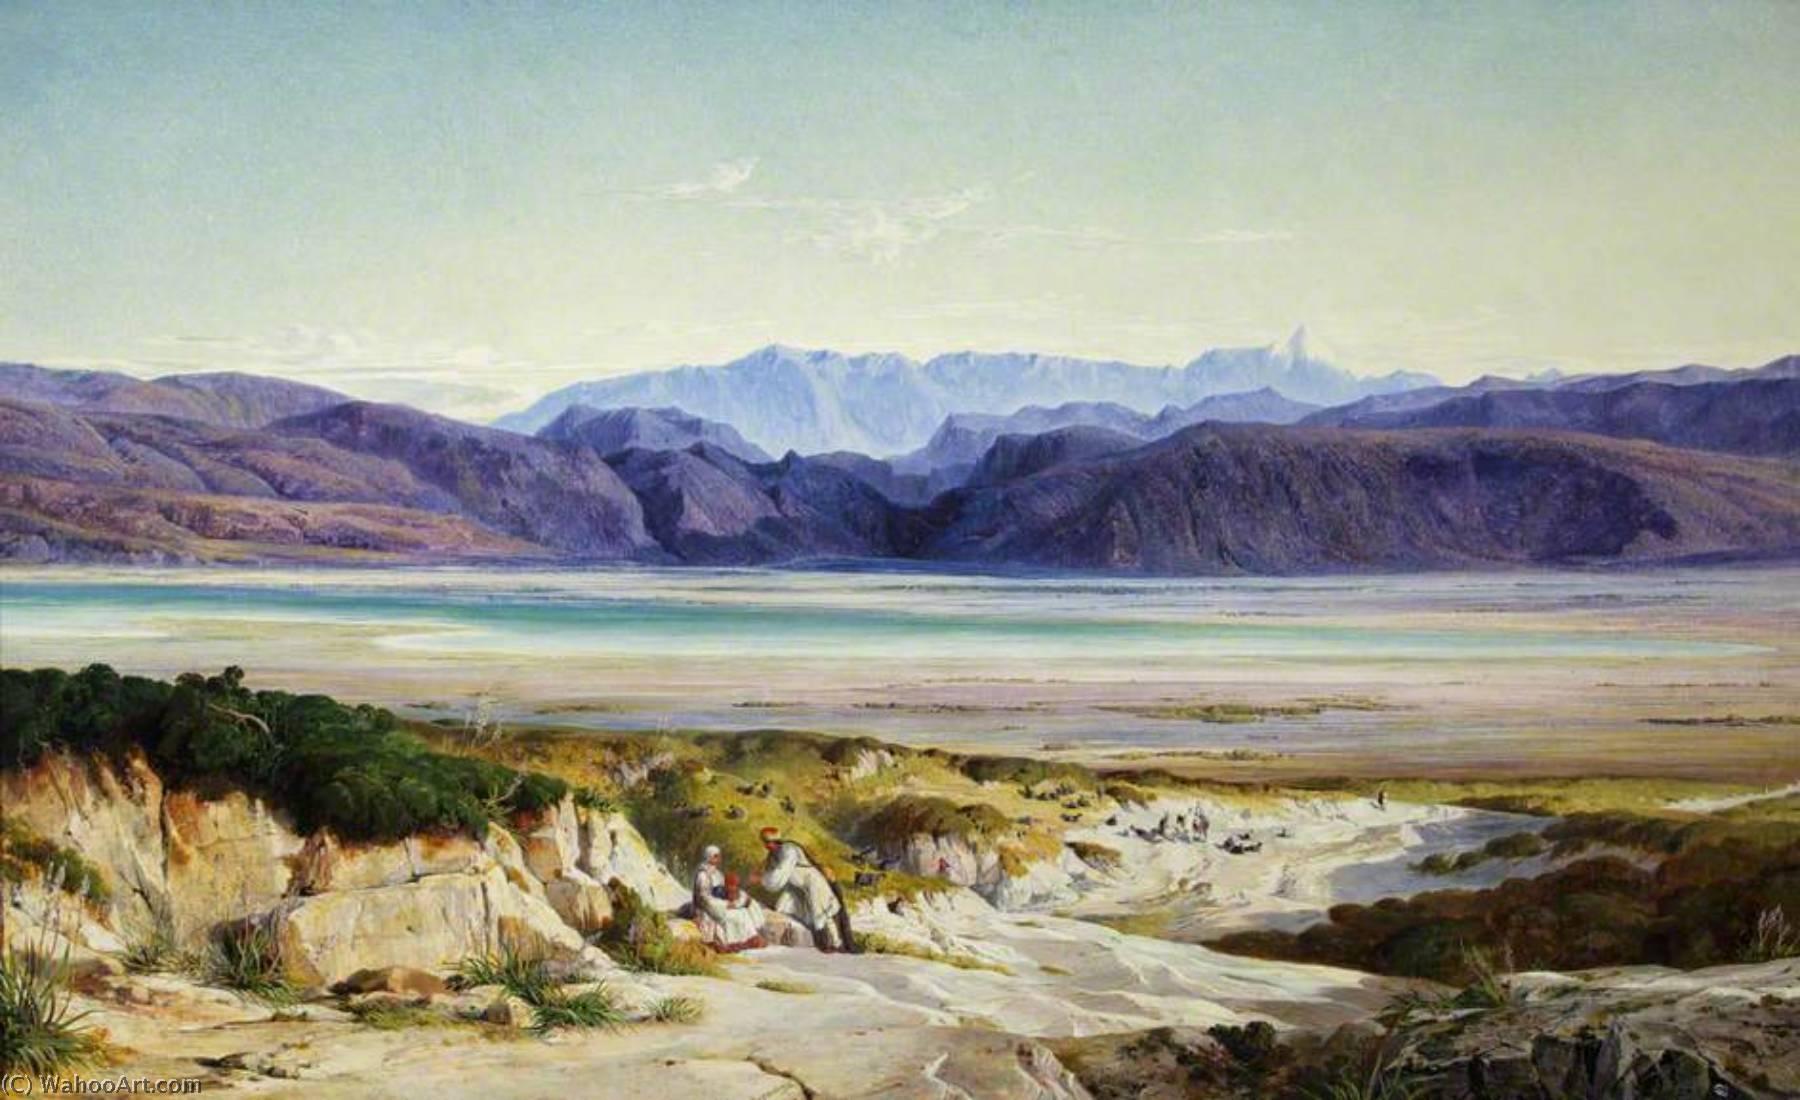 WikiOO.org - Enciclopedia of Fine Arts - Pictura, lucrări de artă Edward Lear - The Mountains of Thermopylae